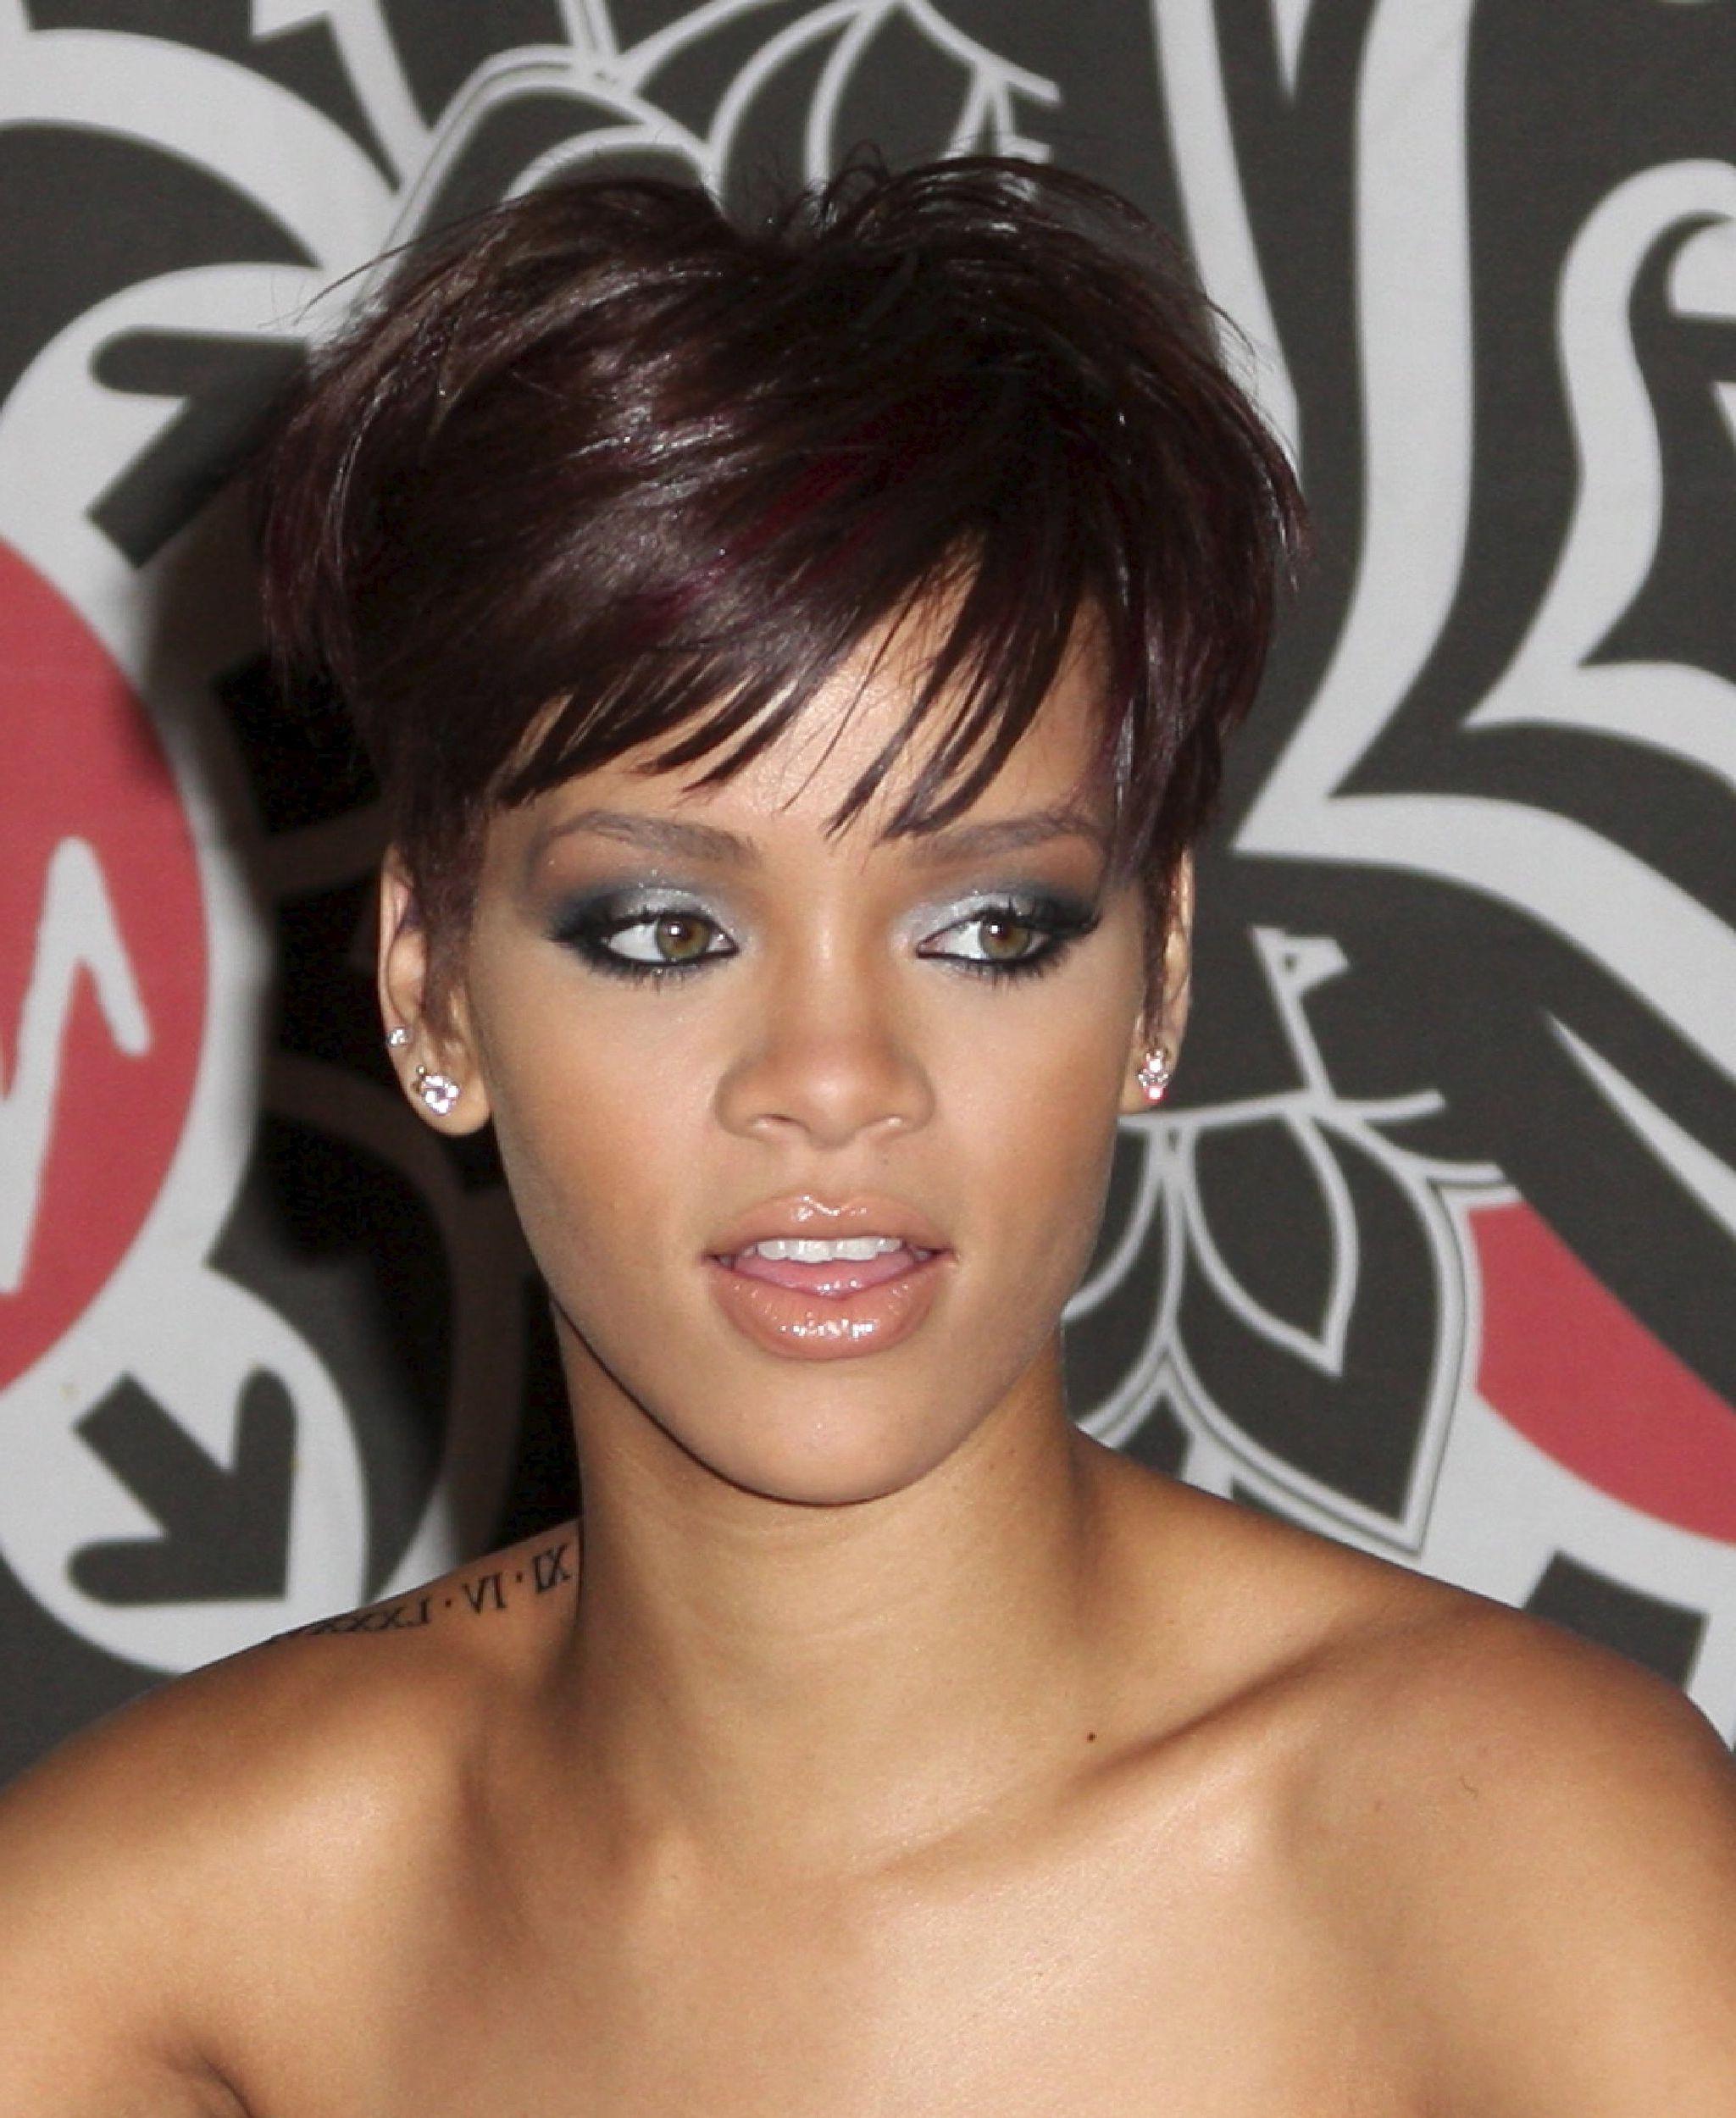 Short Hair Styles 14 2 049—2 500 pixels Hairspray